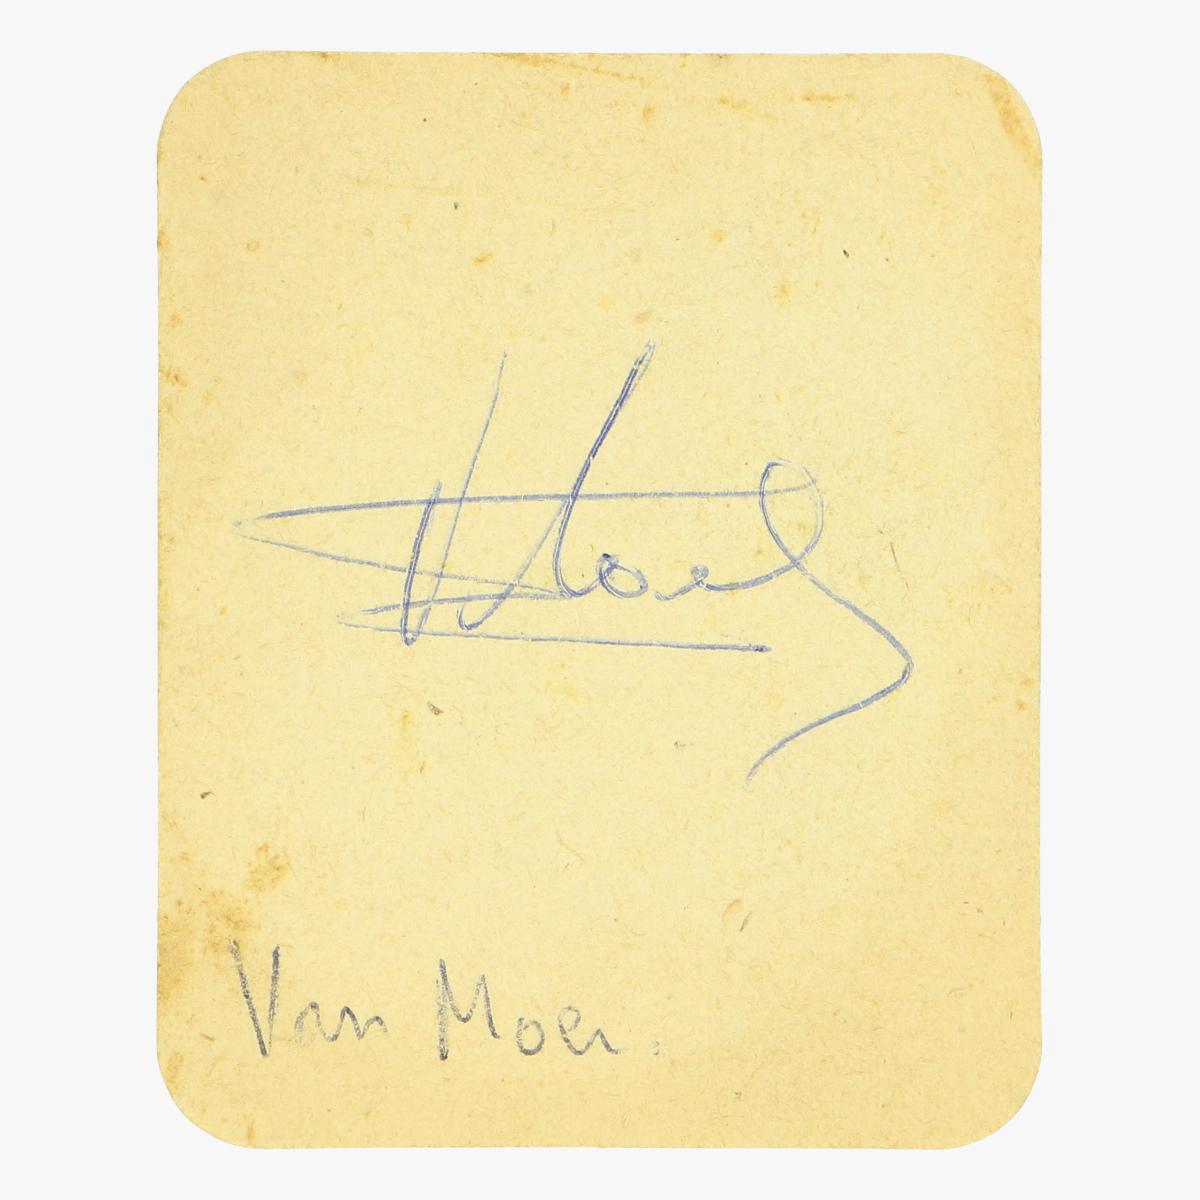 Afbeeldingen van gesigneerde stella artois bierkaartje Van Moer